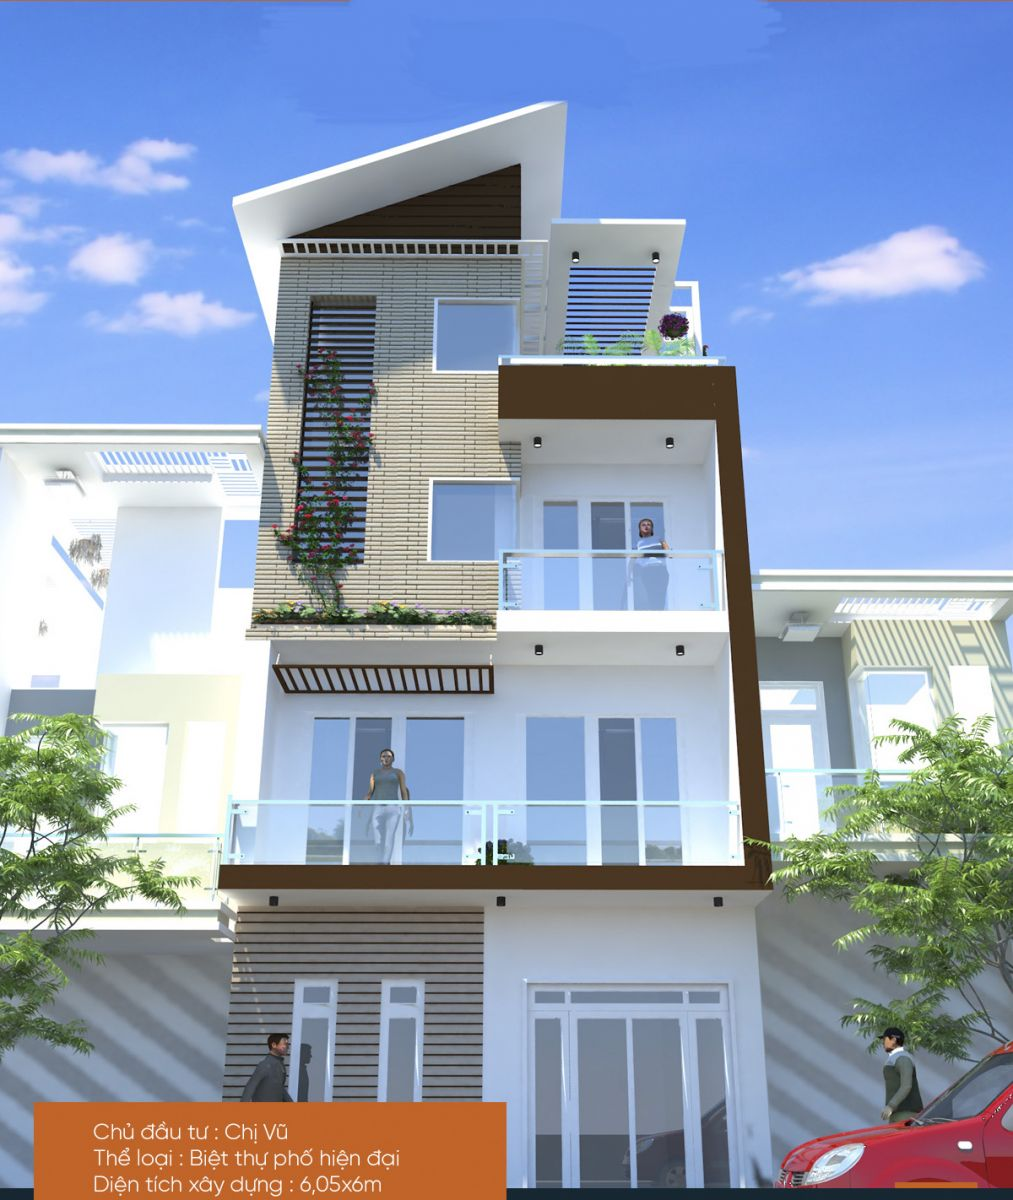 mặt đứng nhà phố mẫu thiết kế nhà phố 4 tầng đẹp hiện đại 6x6,6m